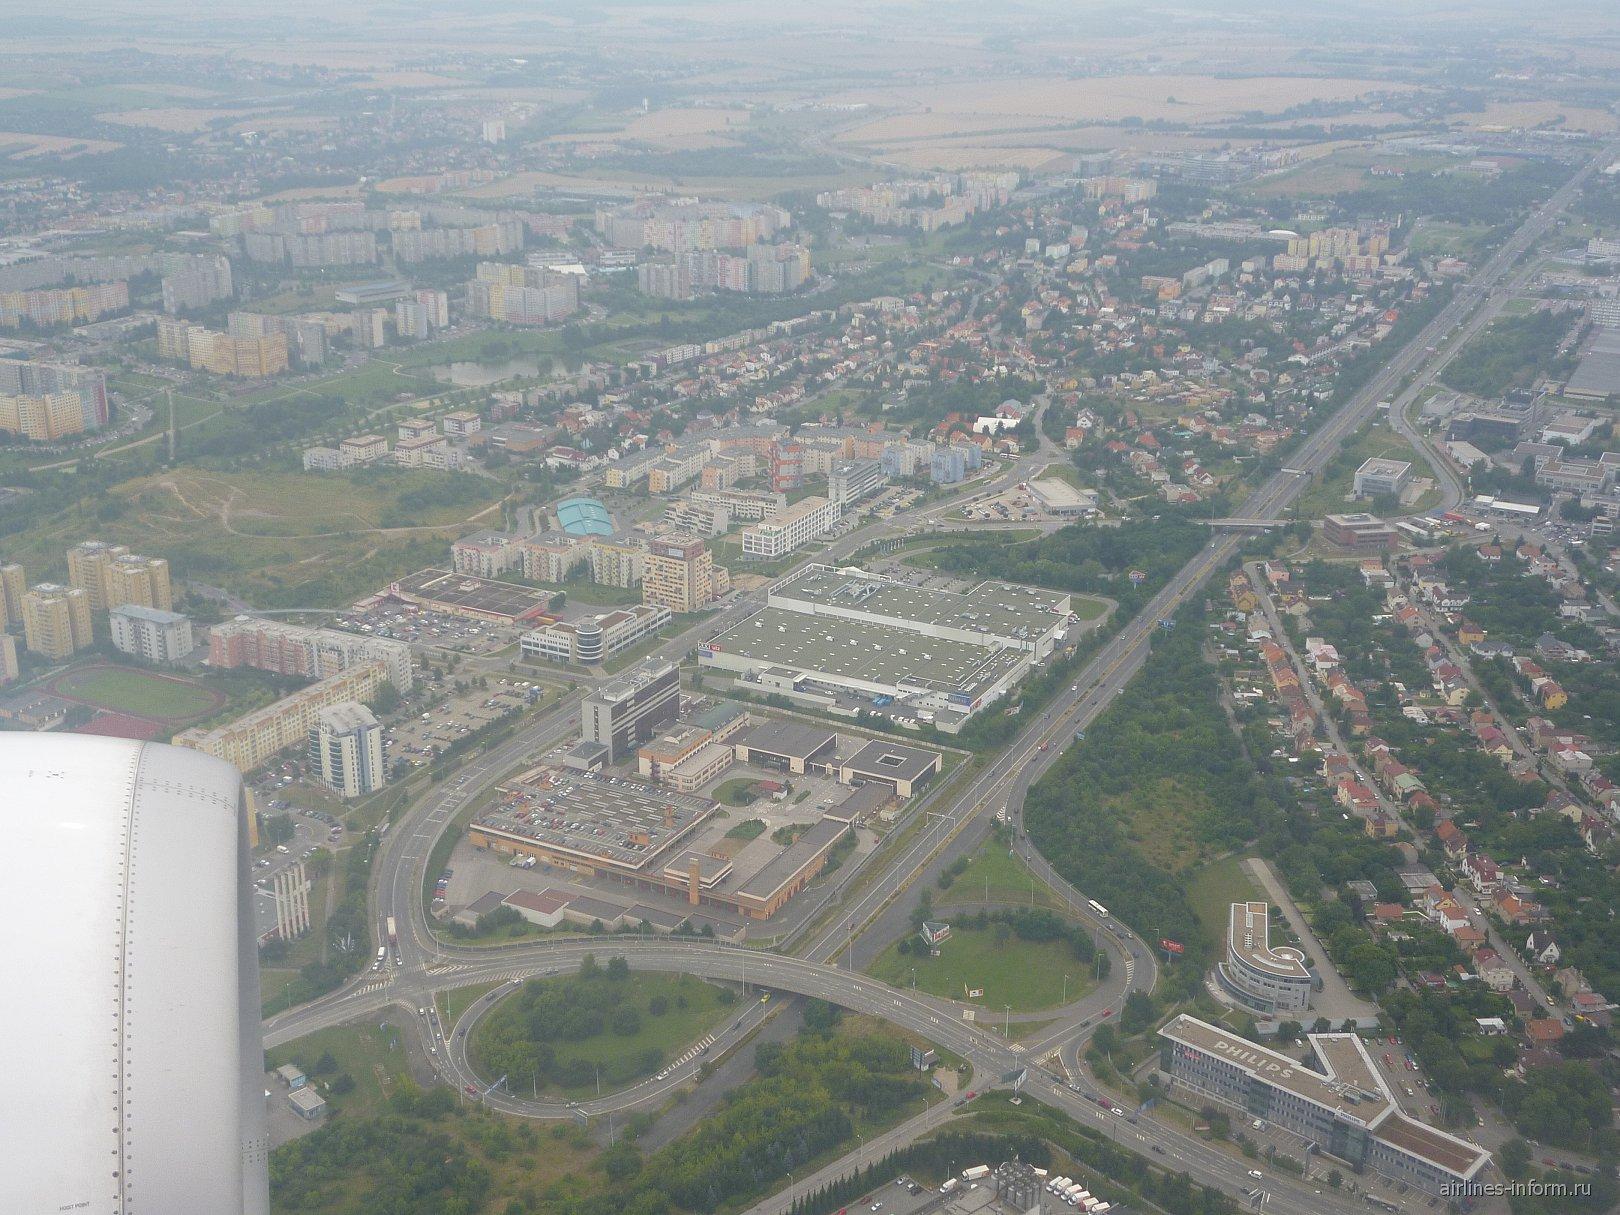 Окраины Праги перед посадкой в аэропорту Вацлава Гавела